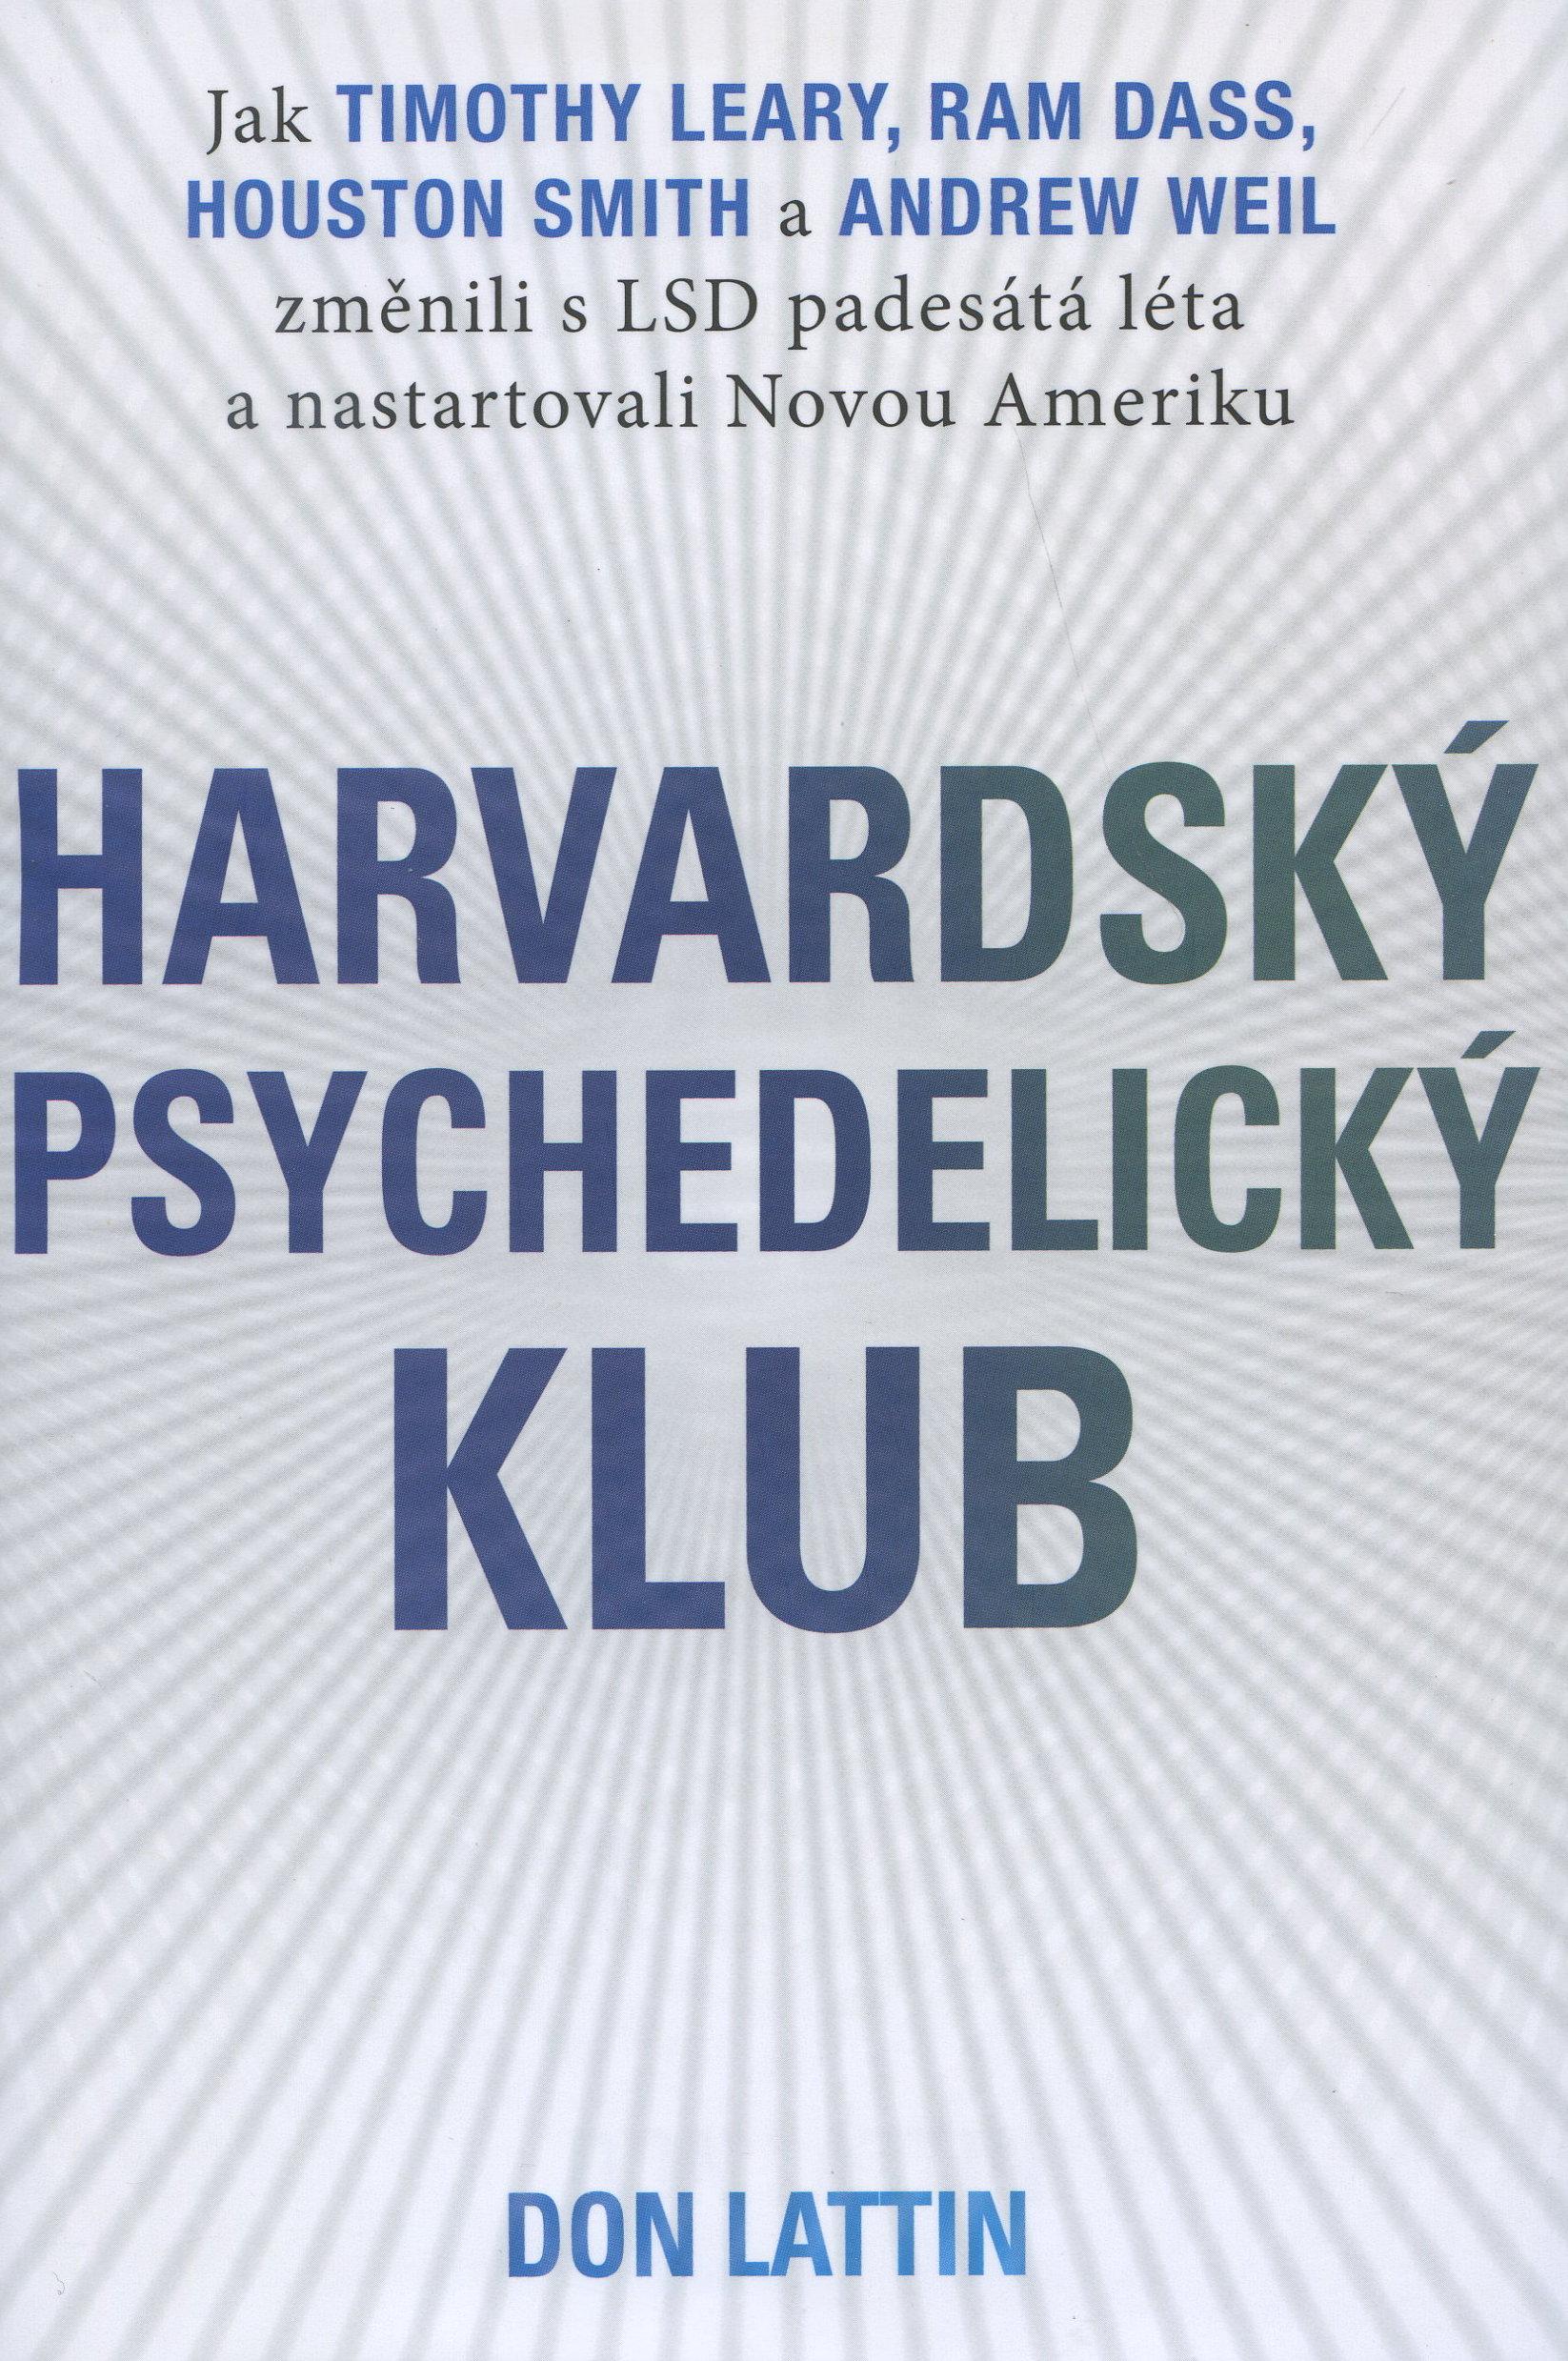 Harvardský psychedelický klub